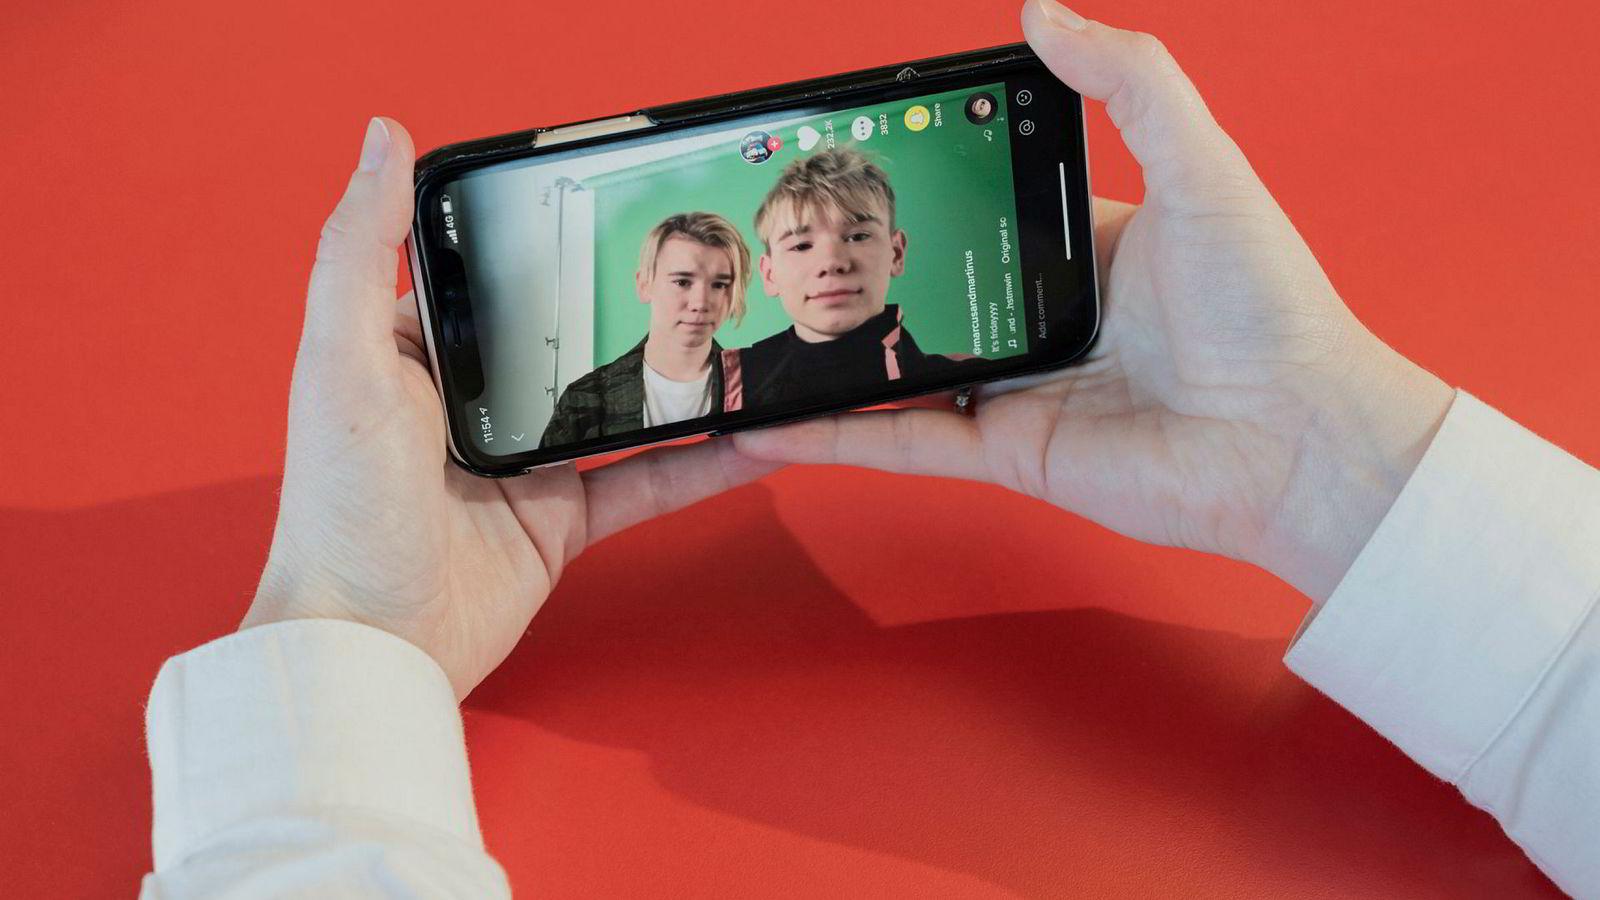 TikTok er blitt en av verdens mest nedlastede apper på smarttelefoner. Det kinesiske eierselskapet Bytedance sitter på enorme datamengder som behandles med avansert kunstig intelligens.